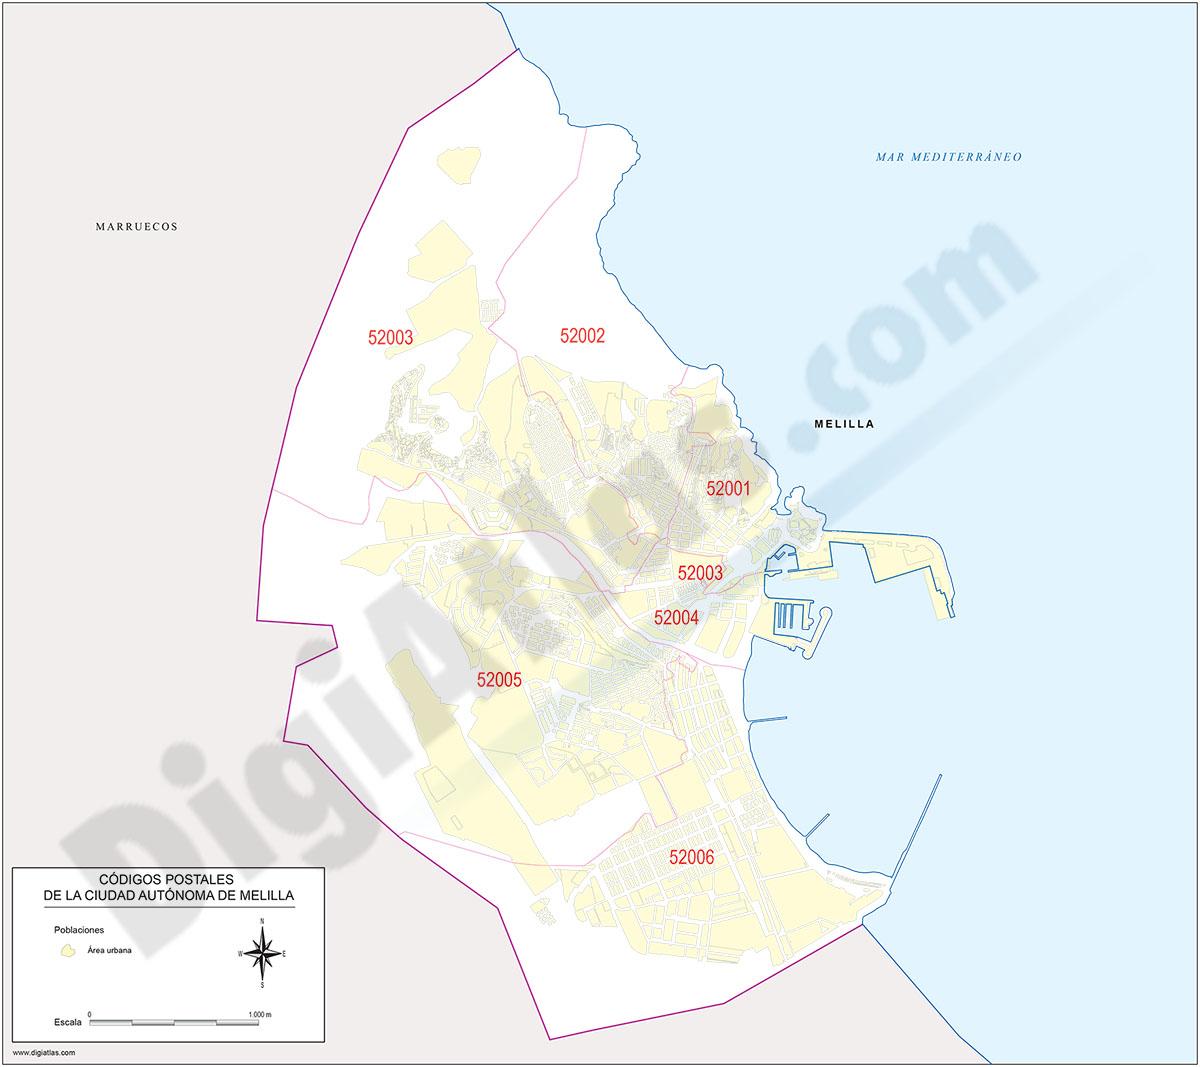 Melilla - mapa de la ciudad autónoma con los códigos postales